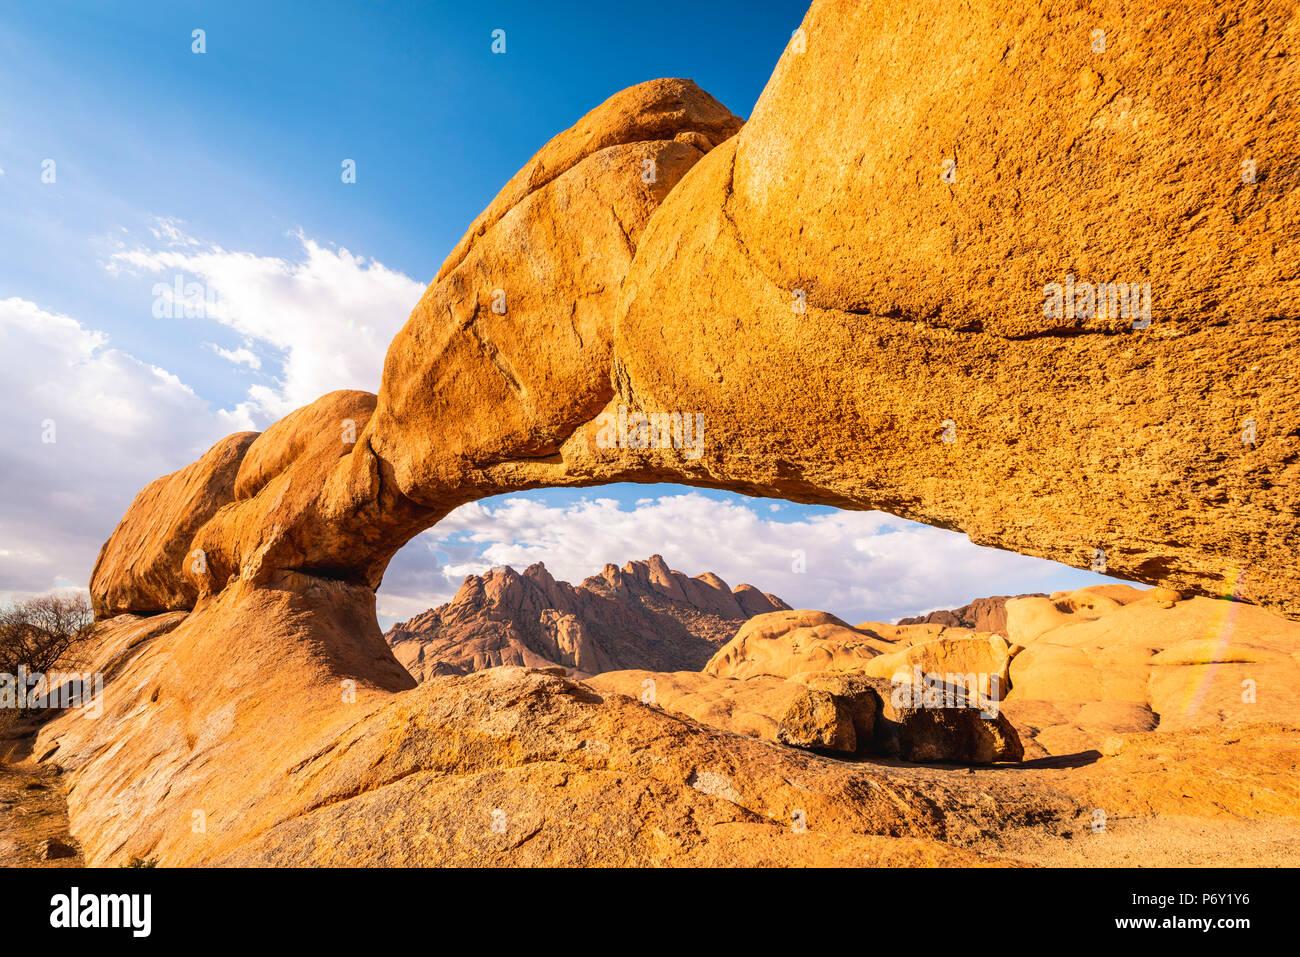 Spitzkoppe, Damaraland, Namibie, Afrique. Le Rock Bridge et les pics de granit. Photo Stock